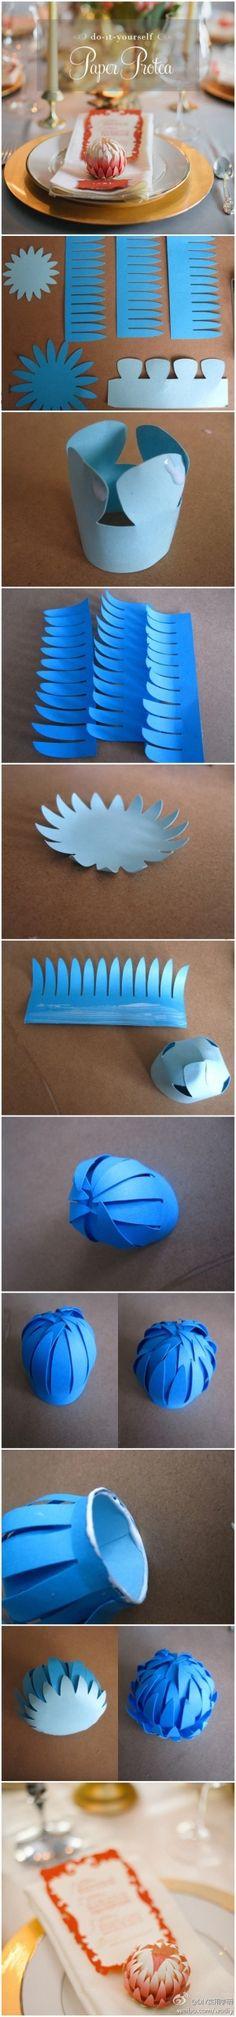 DIY Paper Protea DIY Paper Protea by diyforever